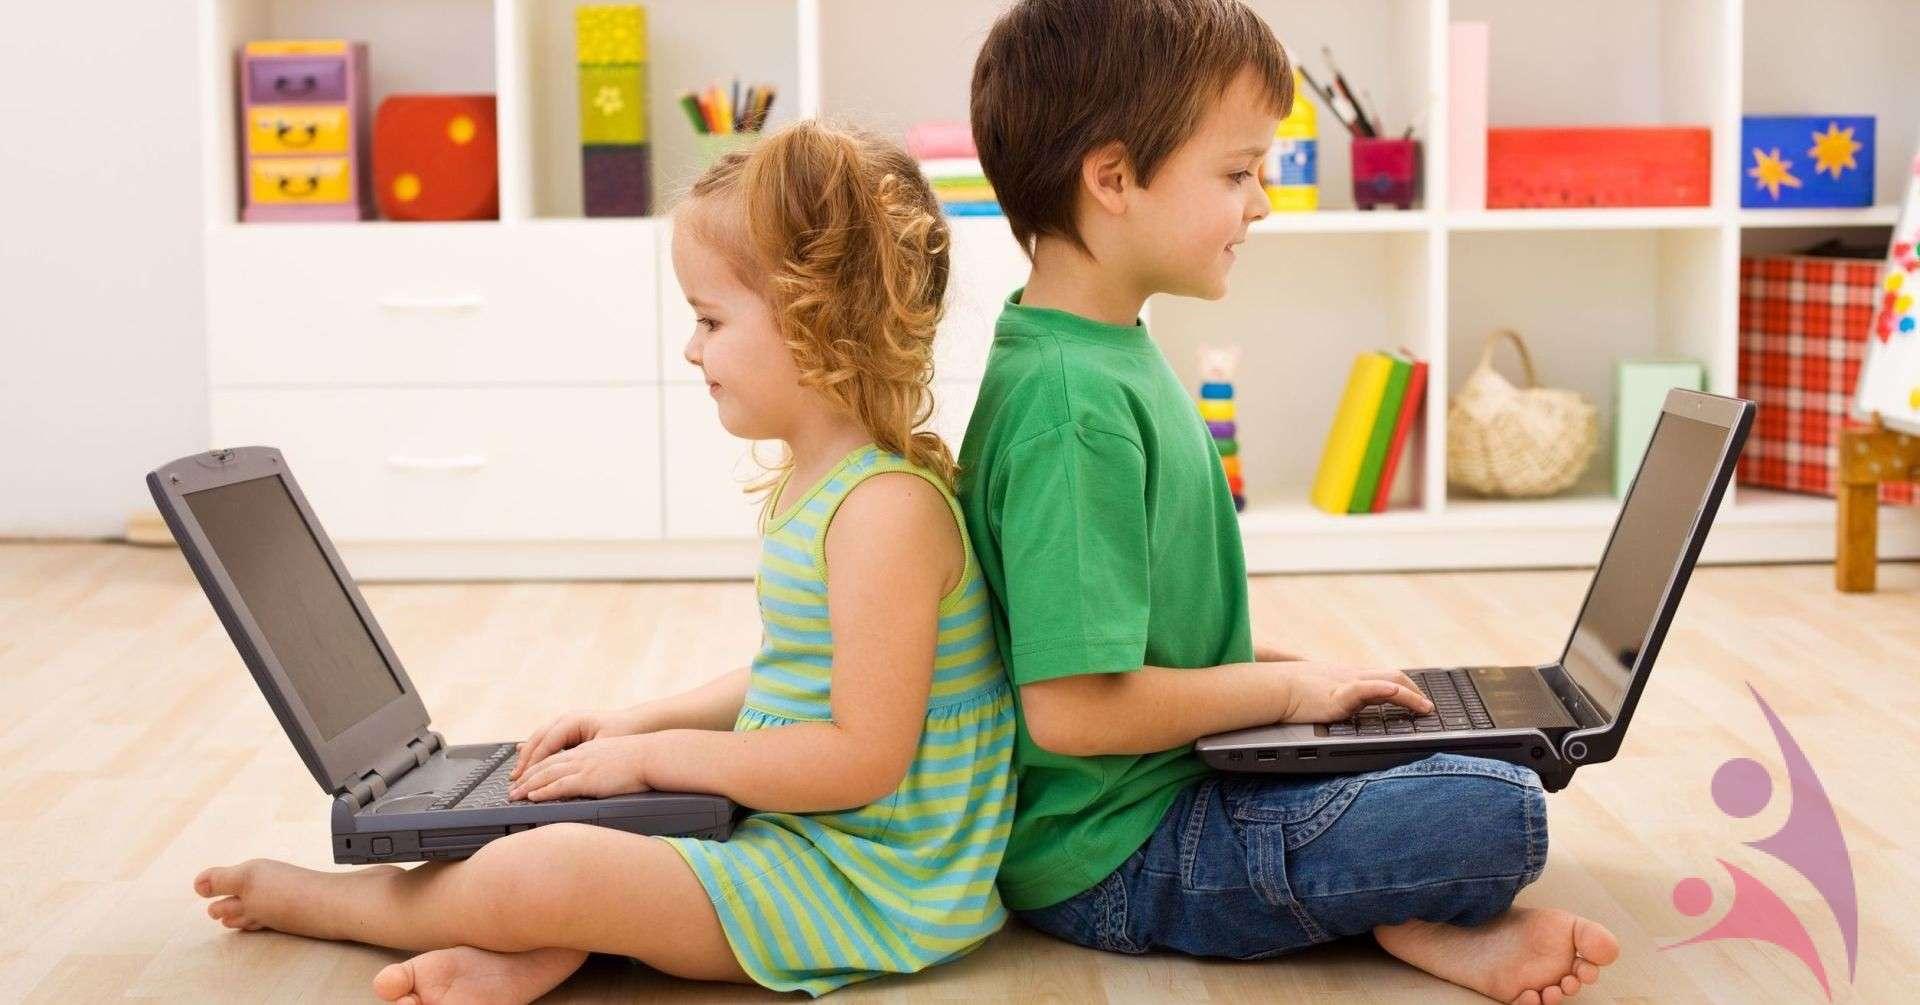 Çocuklarda Teknoloji Bağımlılığı Nedir?